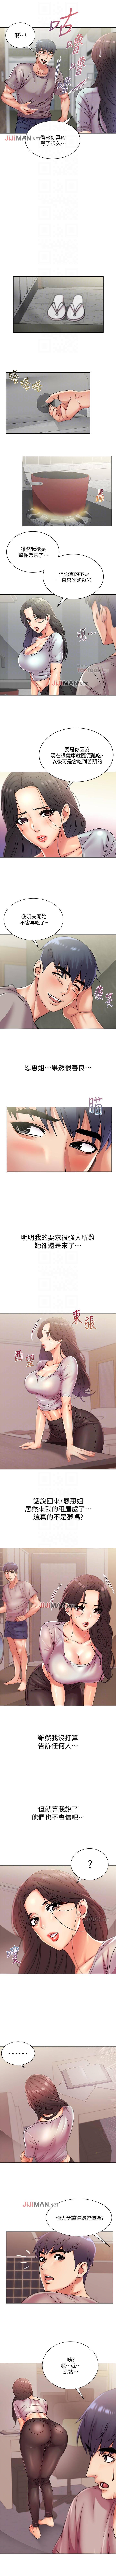 【周三连载】超市的漂亮姐姐(作者:北鼻&逃兵) 第1~40话 131